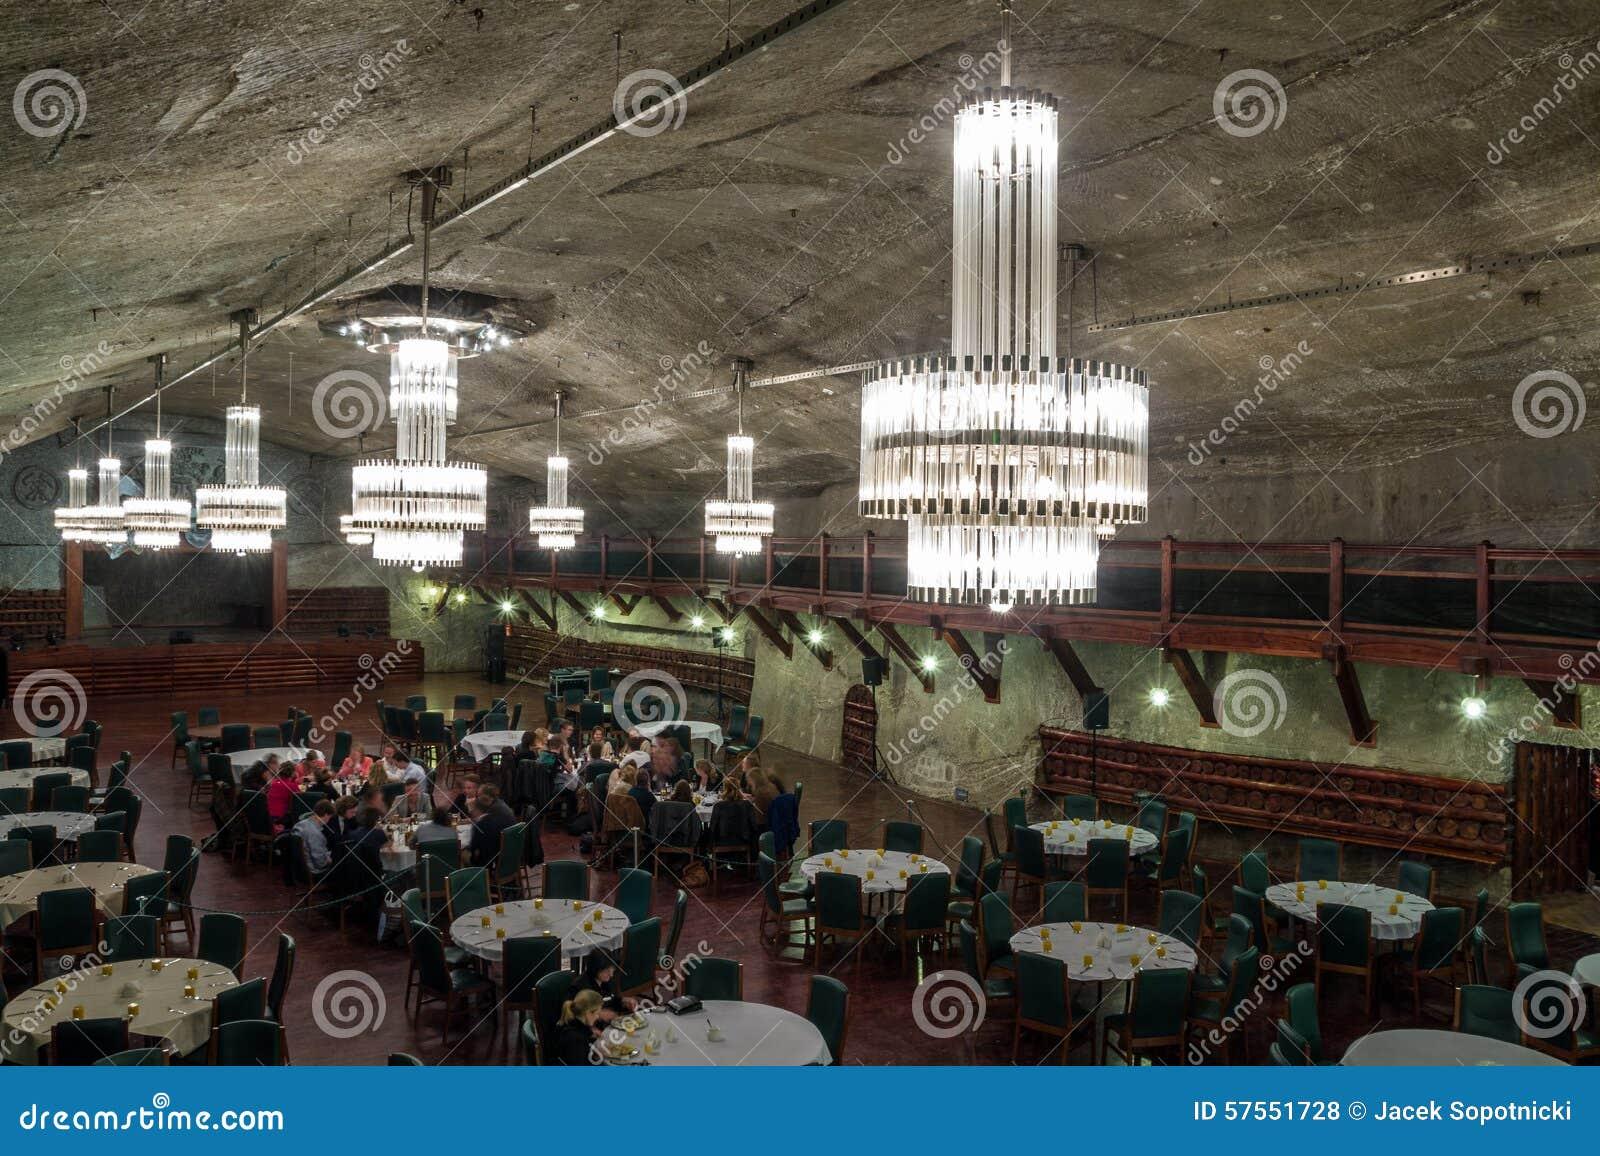 Ondergronds restaurant in zoutmijn redactionele stock foto afbeelding 57551728 - Ondergrondse kamer ...